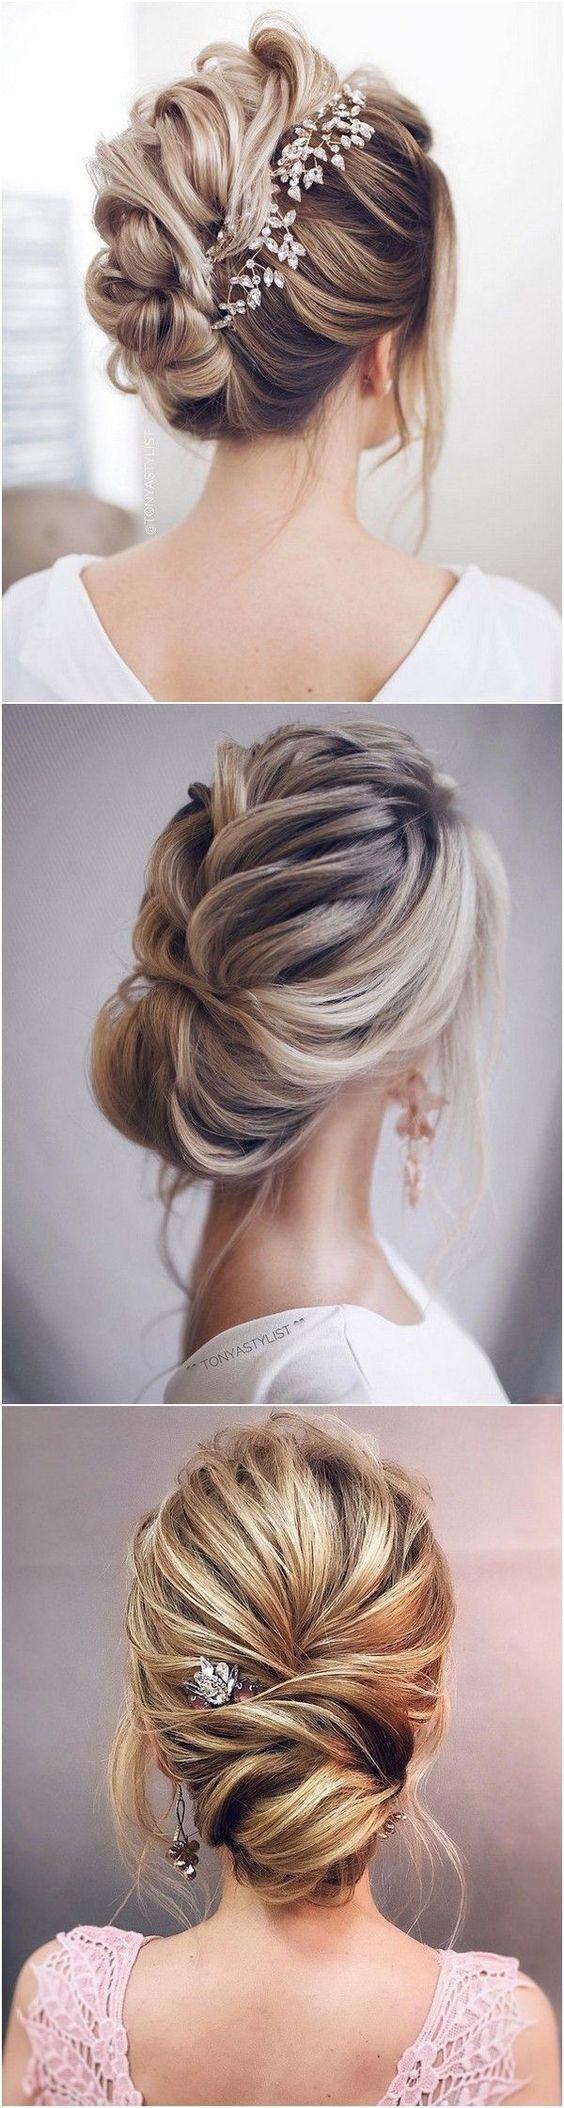 12 So Pretty Updo Wedding Hairstyles from TonyaPushkareva - EmmaLovesWeddings | Elegant updo ...